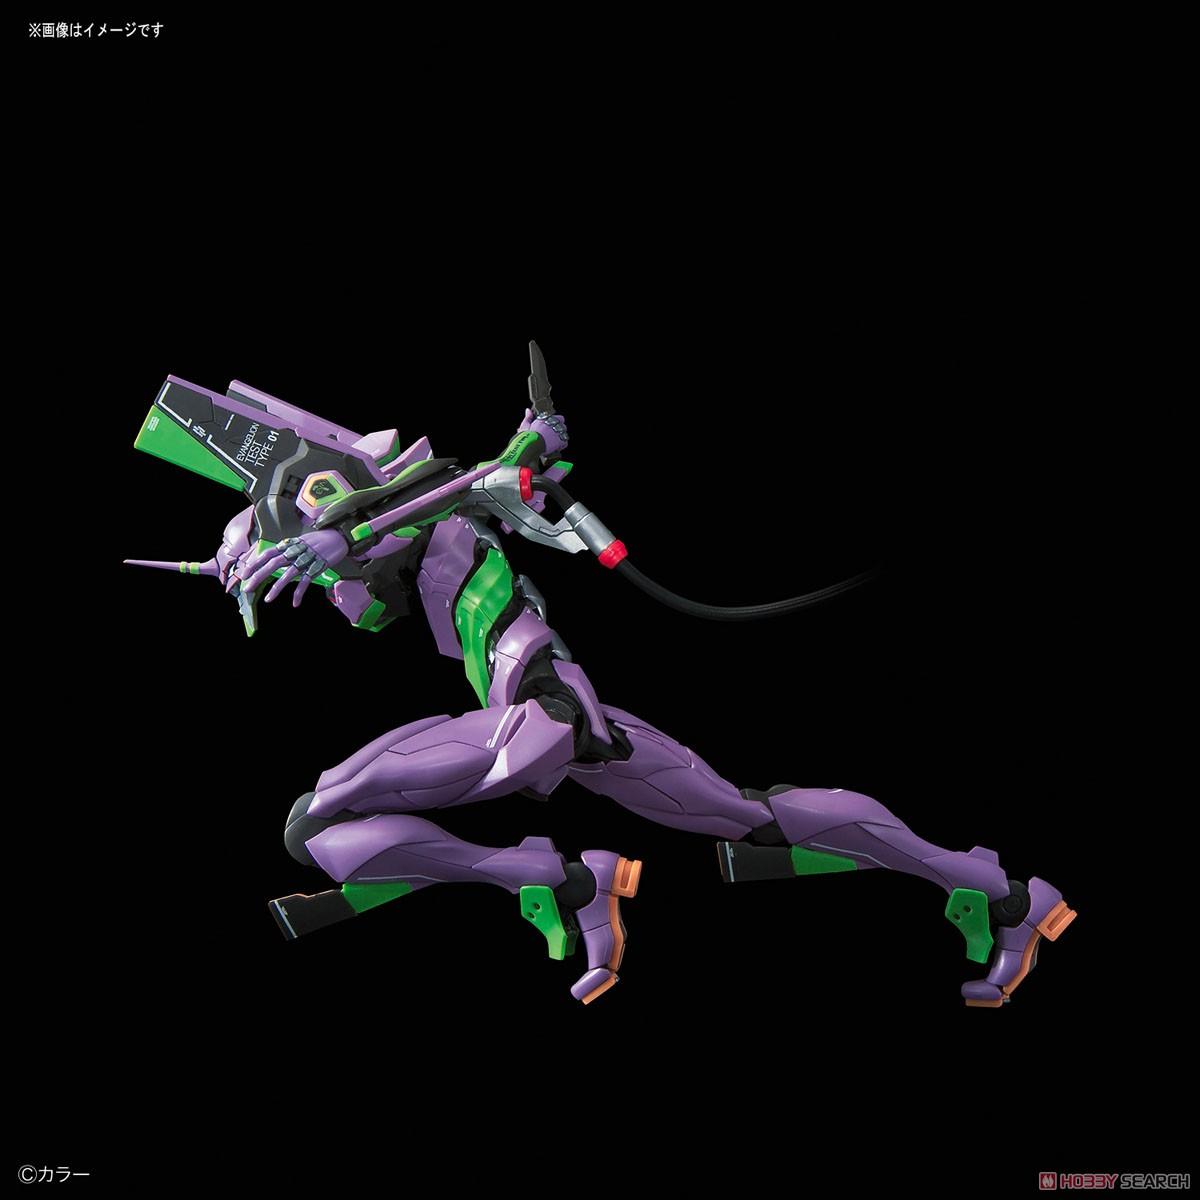 【8月再販】RG『汎用ヒト型決戦兵器 人造人間エヴァンゲリオン初号機』プラモデル-017